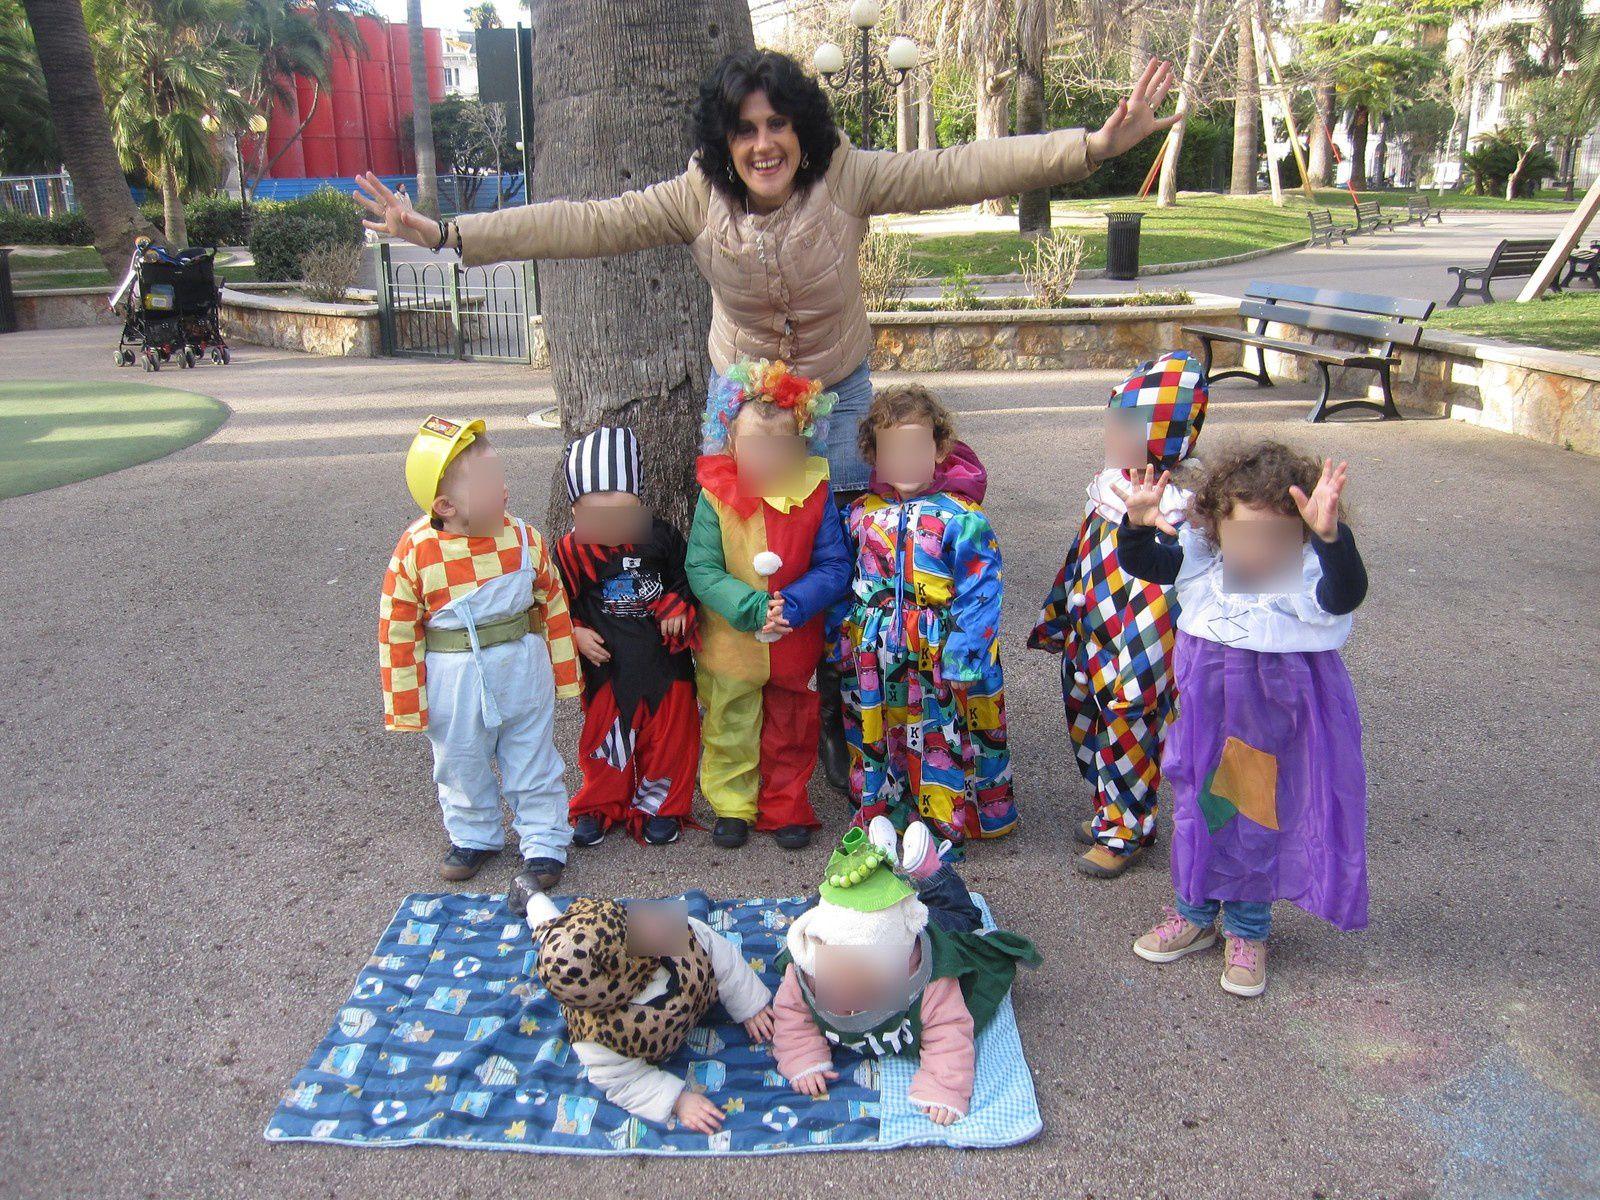 Nos petits bouts fêtent carnaval......